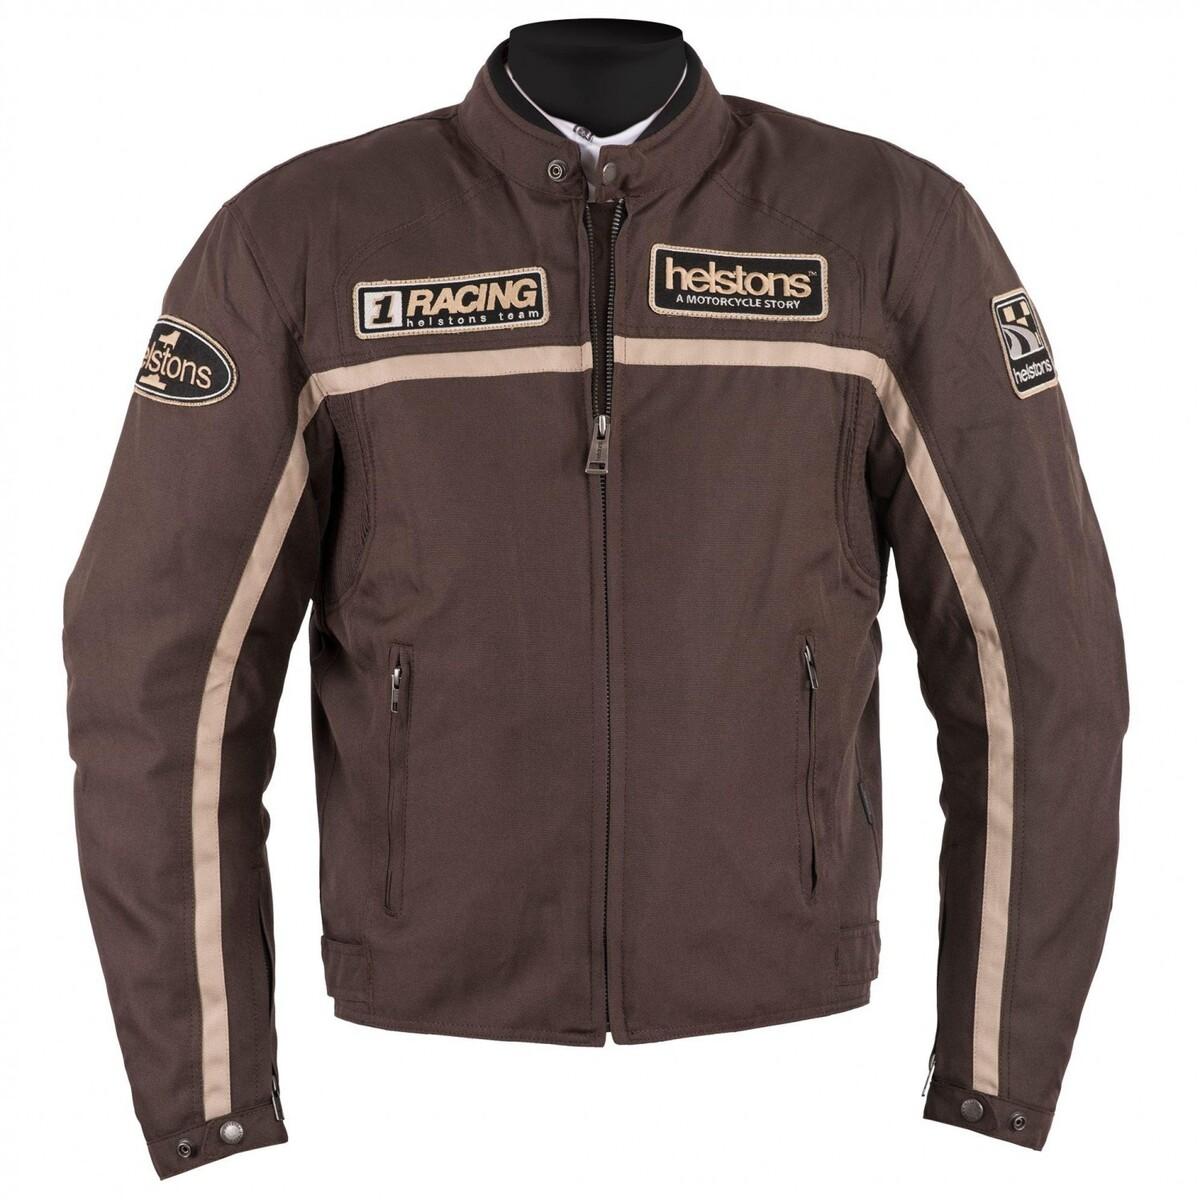 Bild 1 von Helstons Daytona Textiljacke braun Herren Größe L